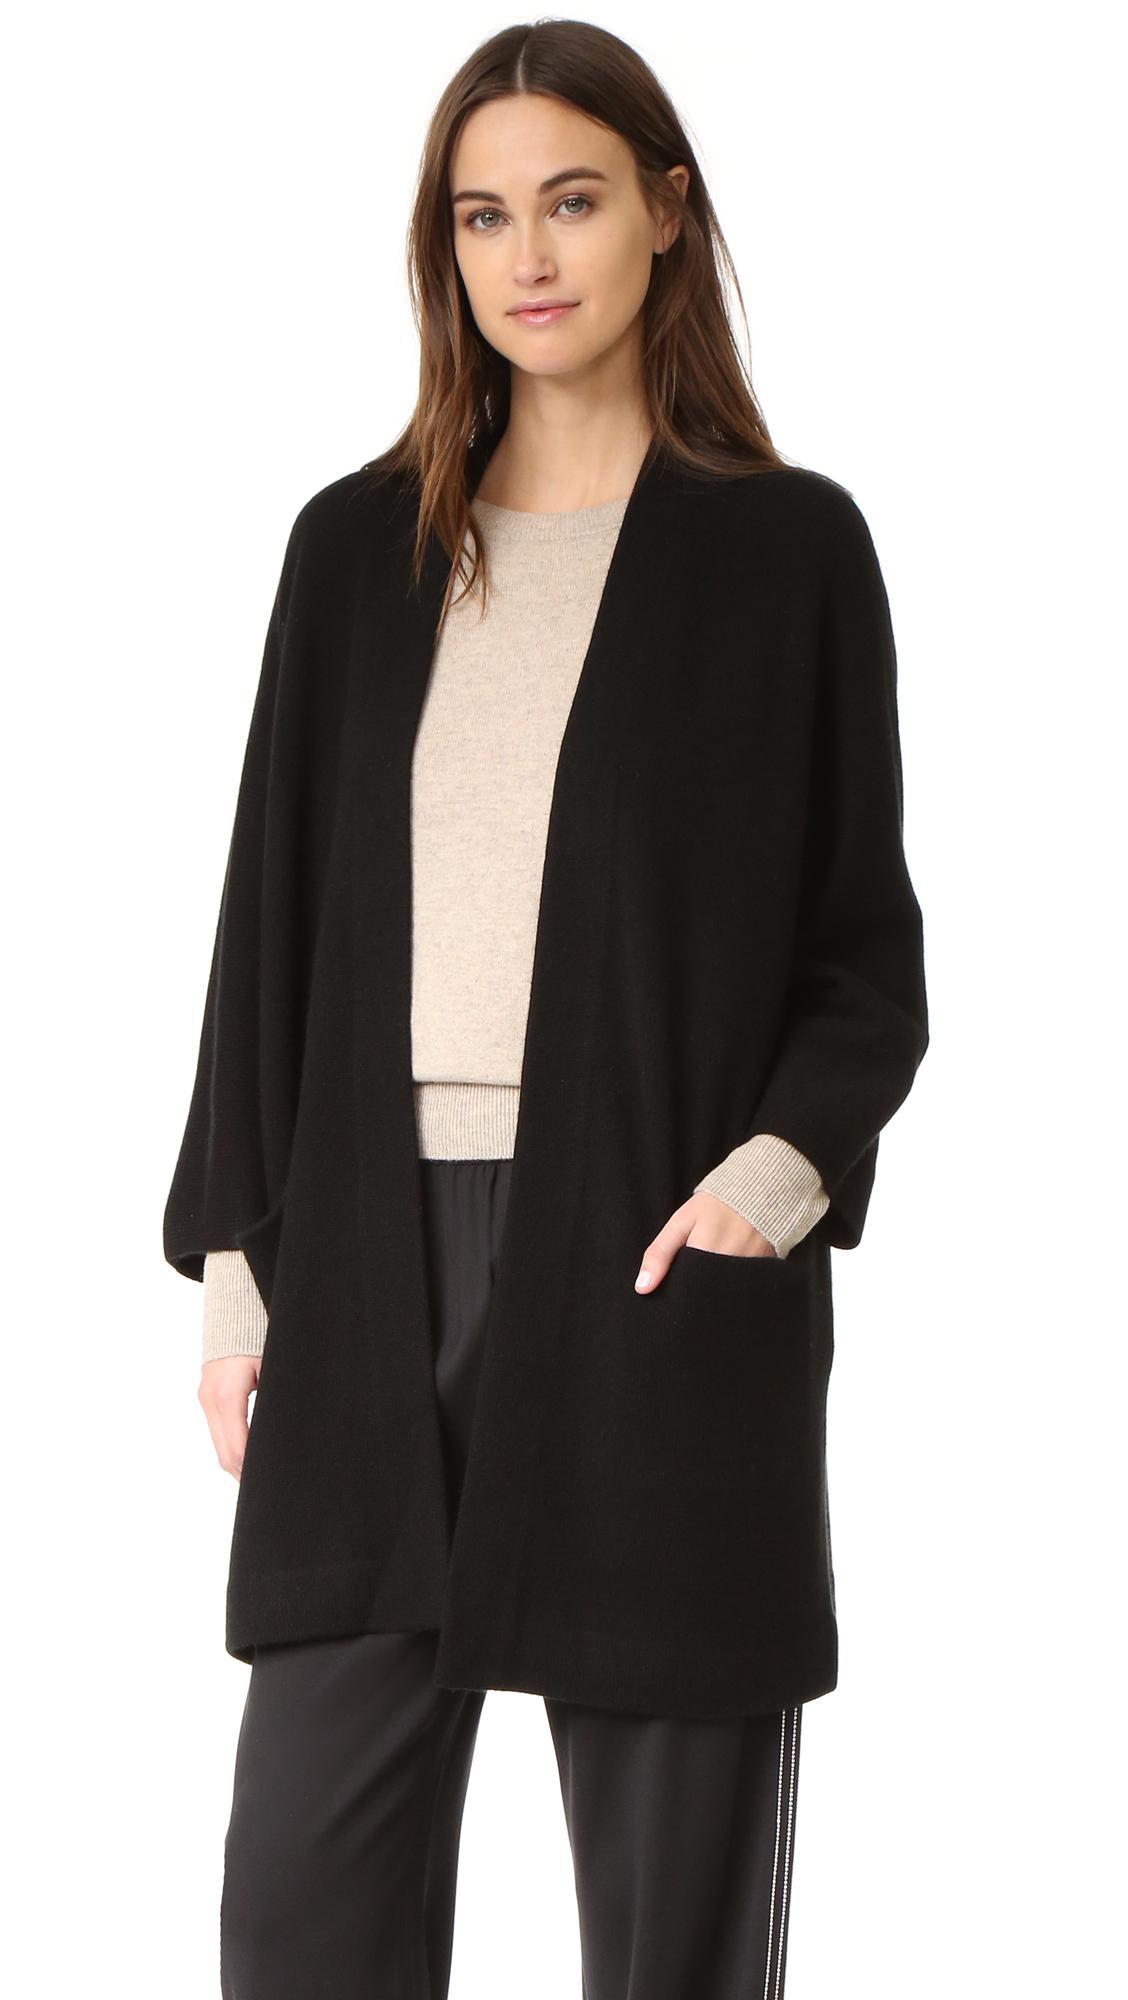 Vince Blanket Cashmere Sweater Coat - Black